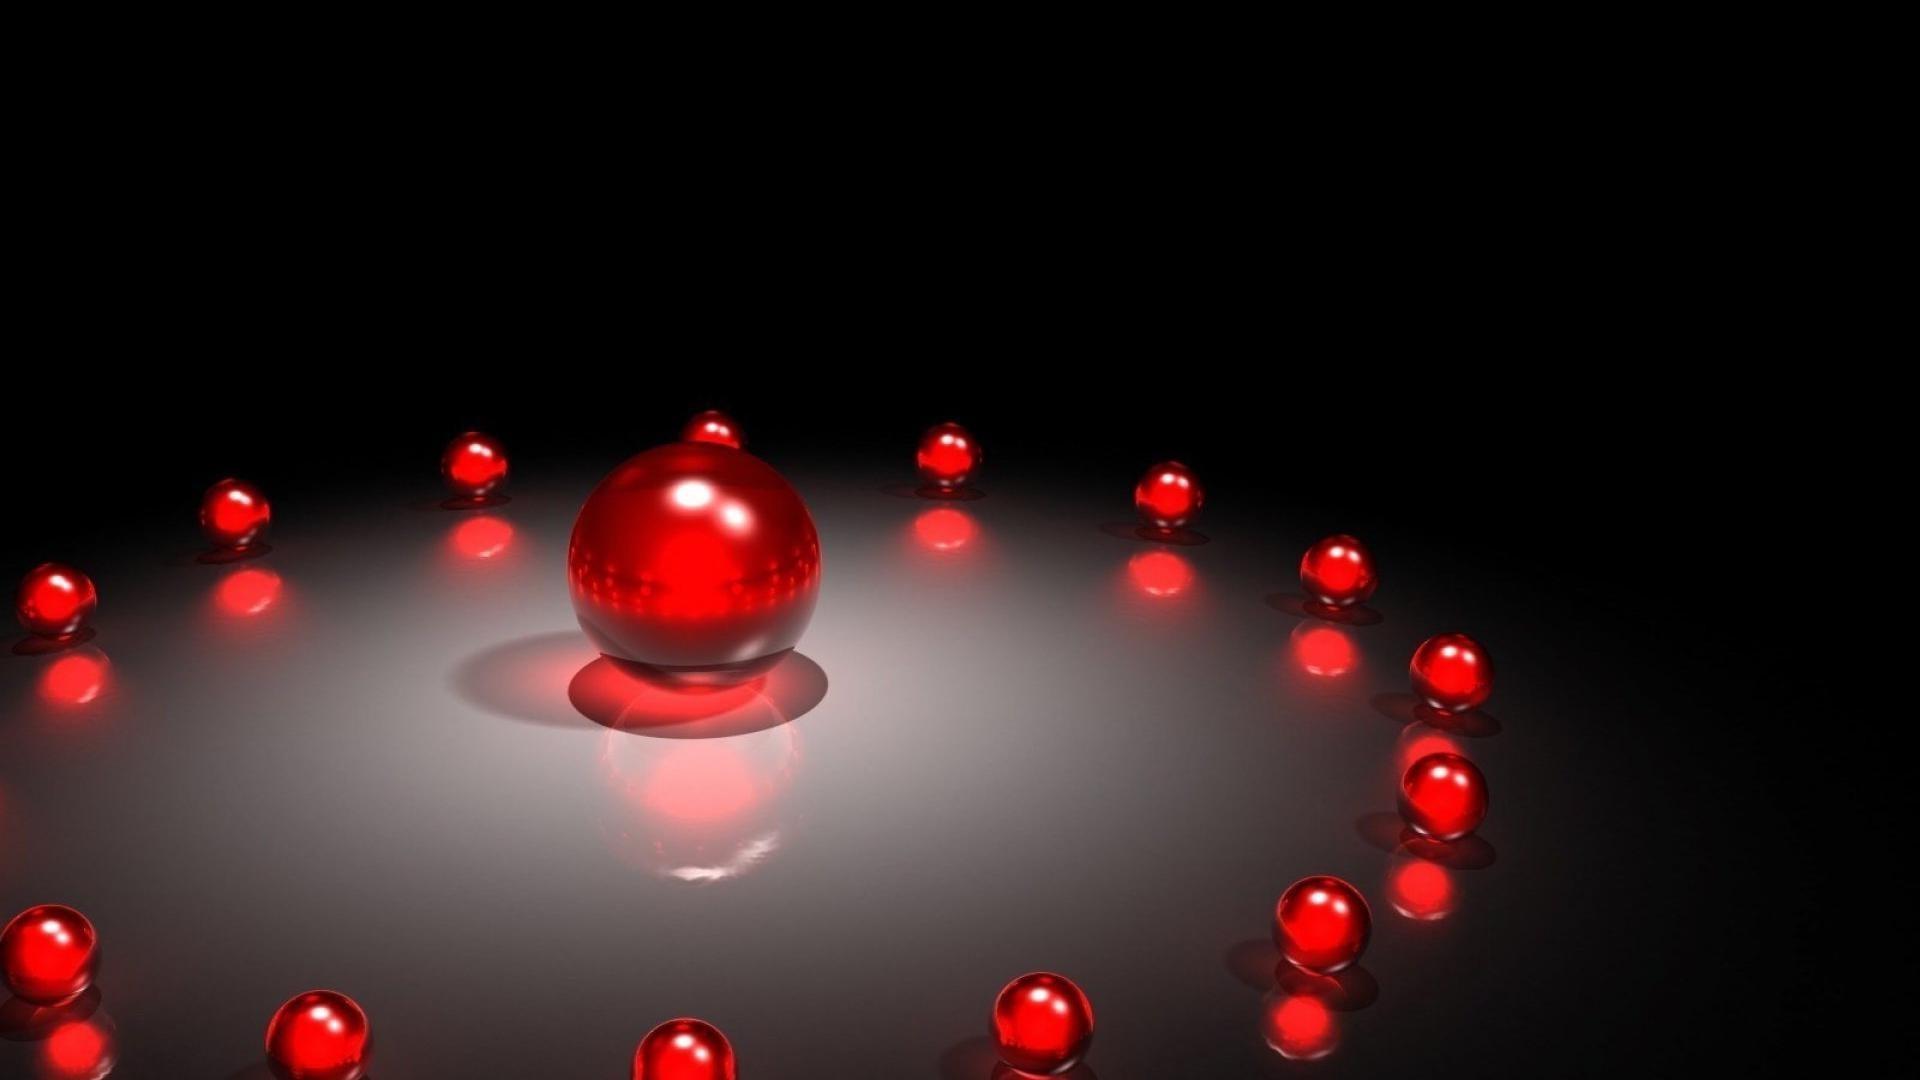 26de8923499 Красные шары - обои для рабочего стола.